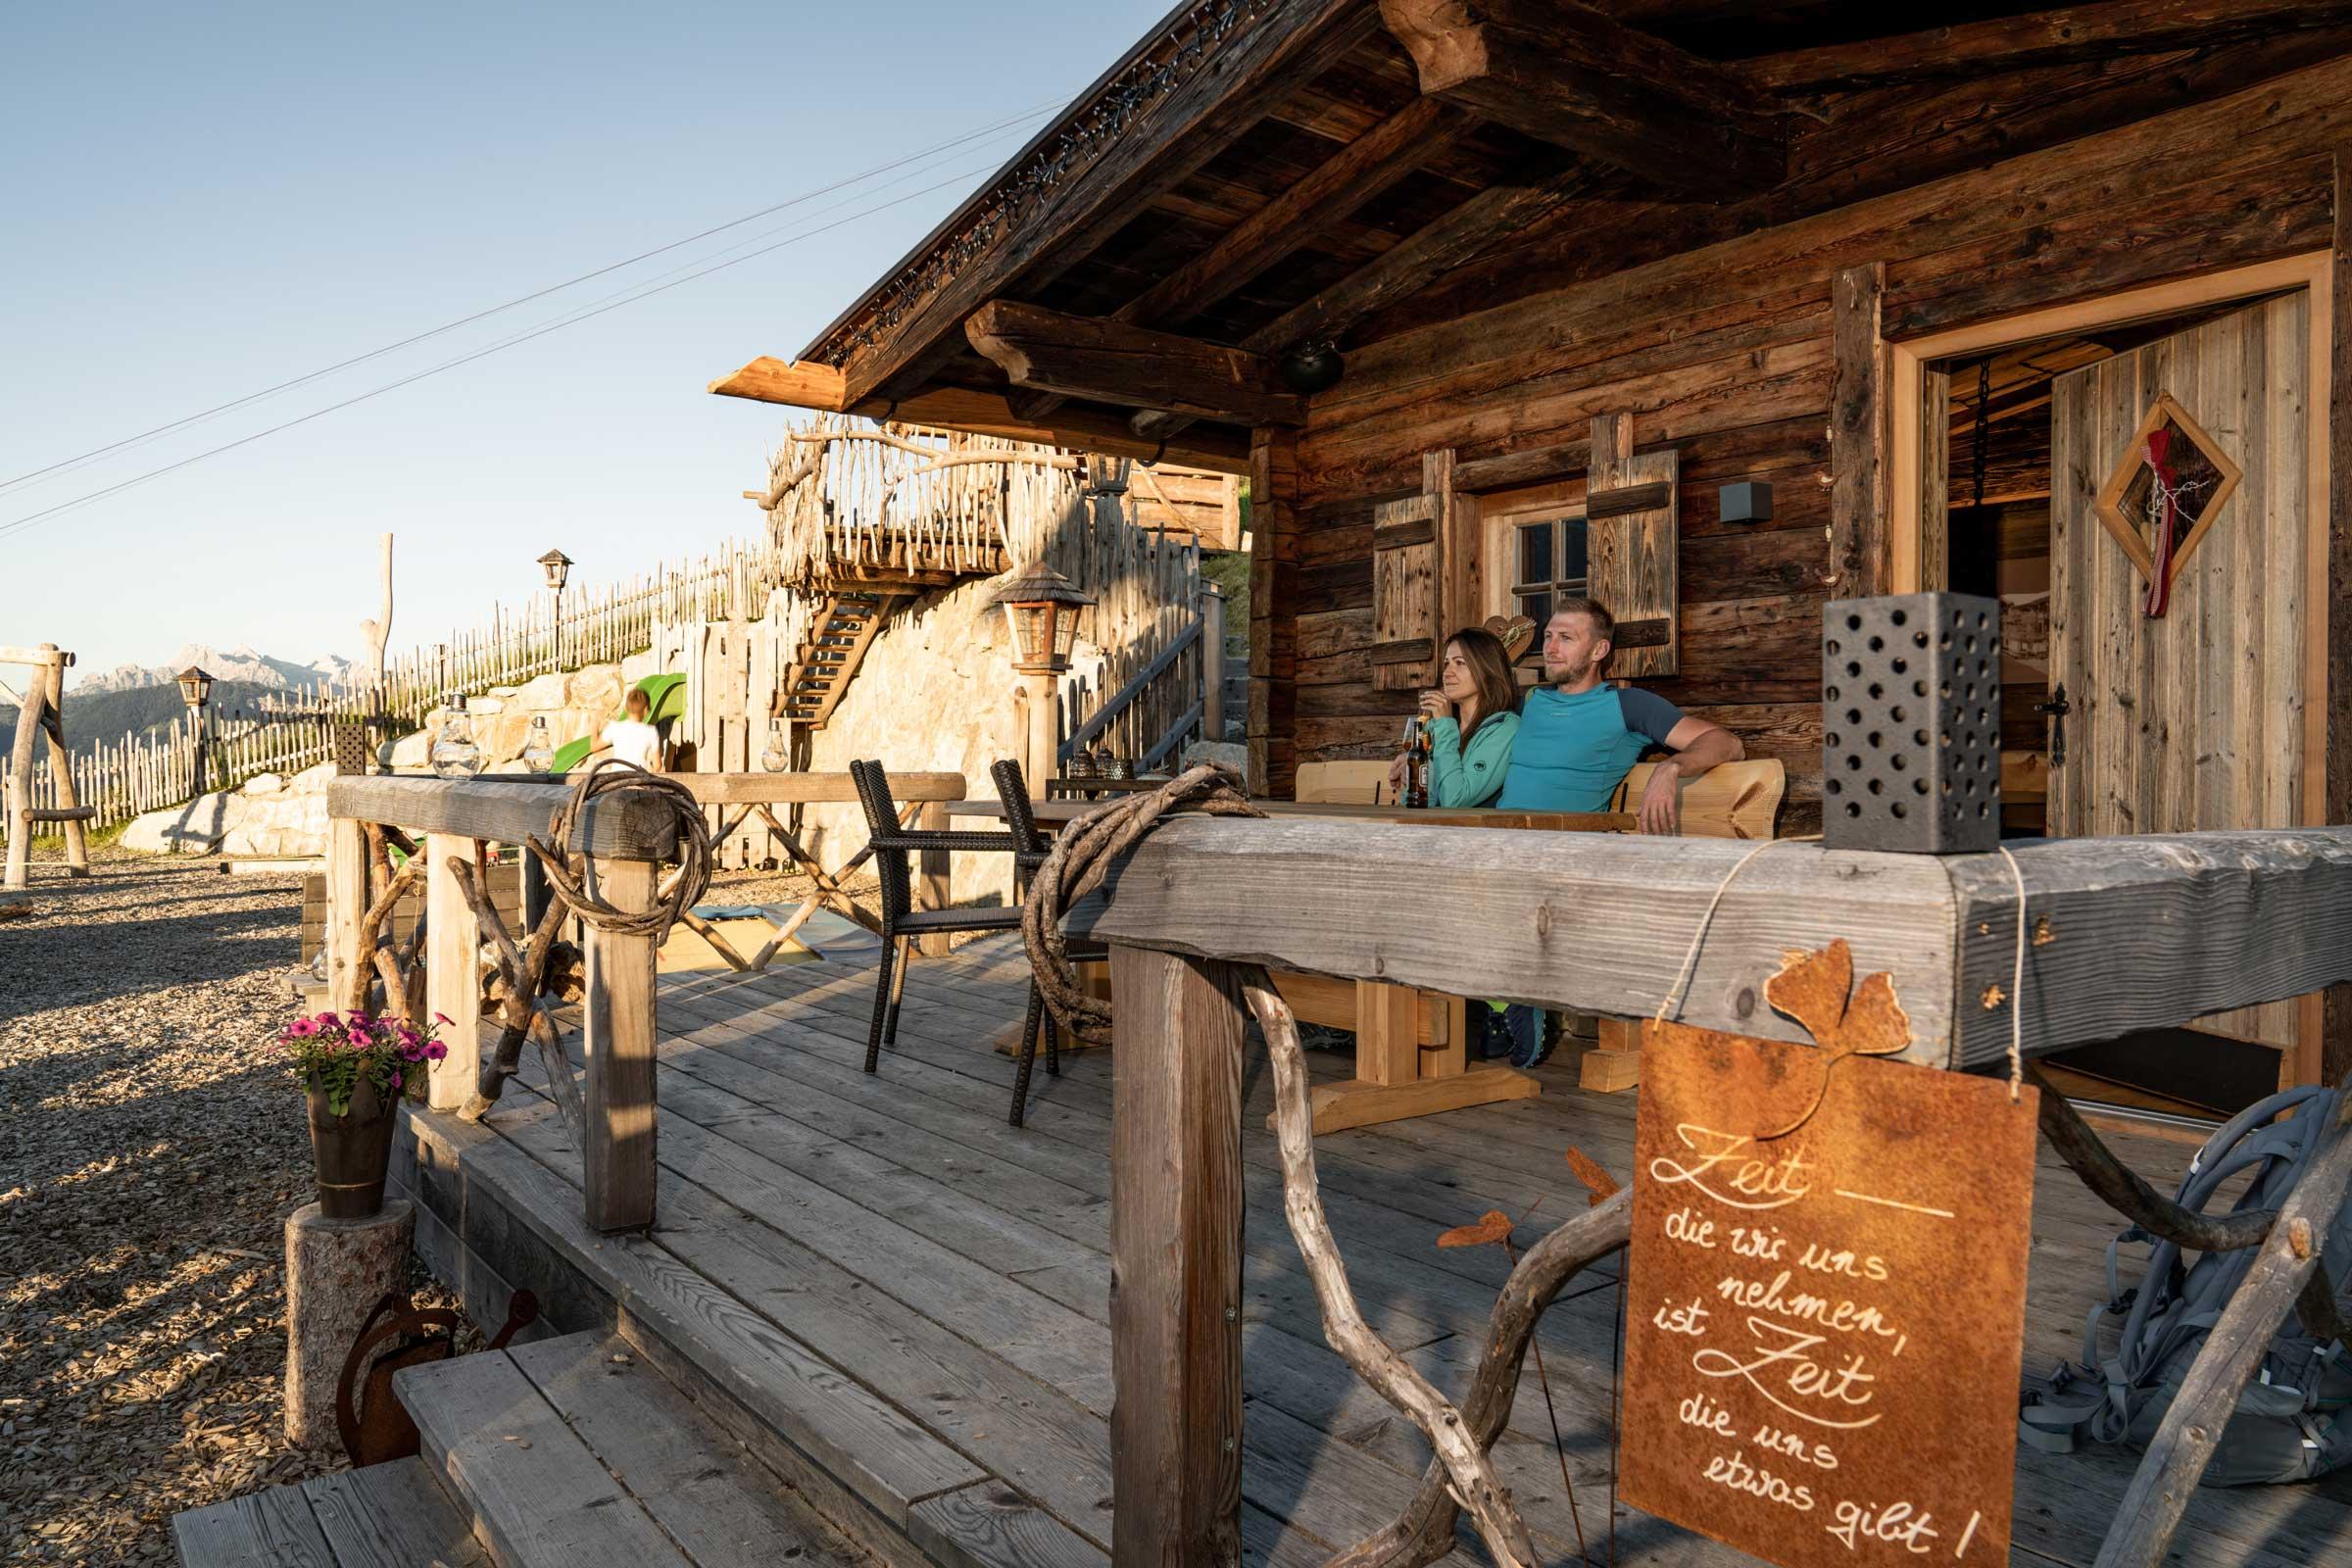 Ein Paar genießt seinen Urlaub auf der Terrasse der Grillhütte.